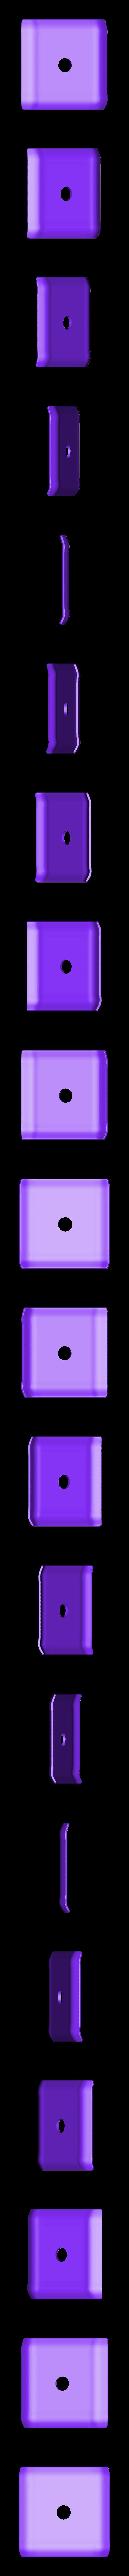 5.queso.stl Télécharger fichier STL gratuit Cangreburguer • Objet pour impression 3D, Aslan3d